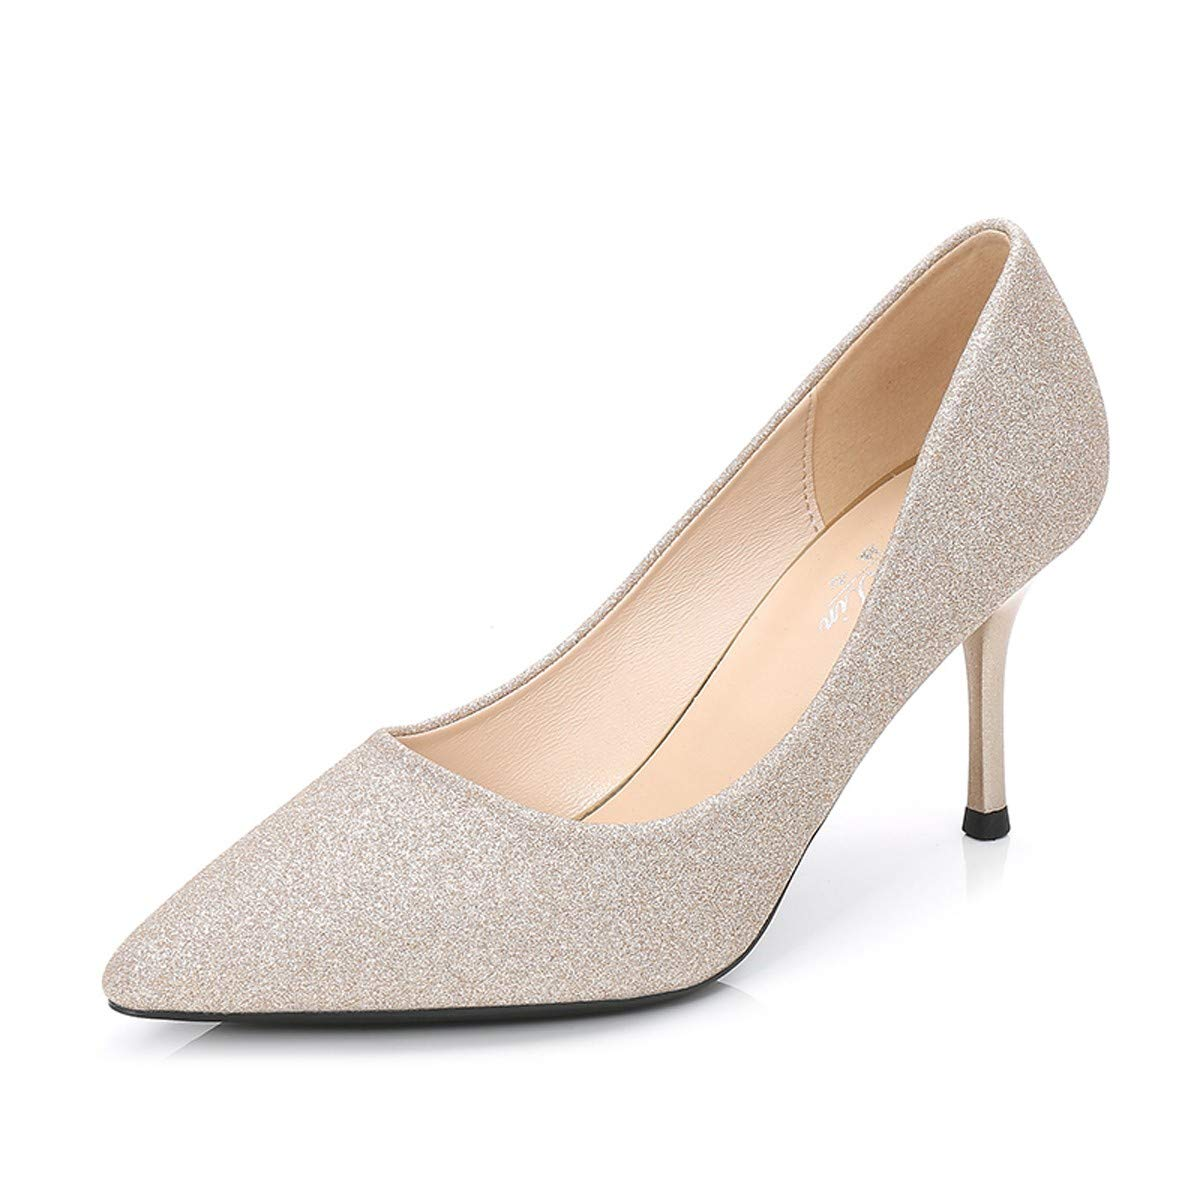 HBDLH Damenschuhe/Gut Bei Fuß Brautjungfer 8 cm High Heels Bankett Sexy 100 Sätze Winter Hochzeit Schuhe Schuhe